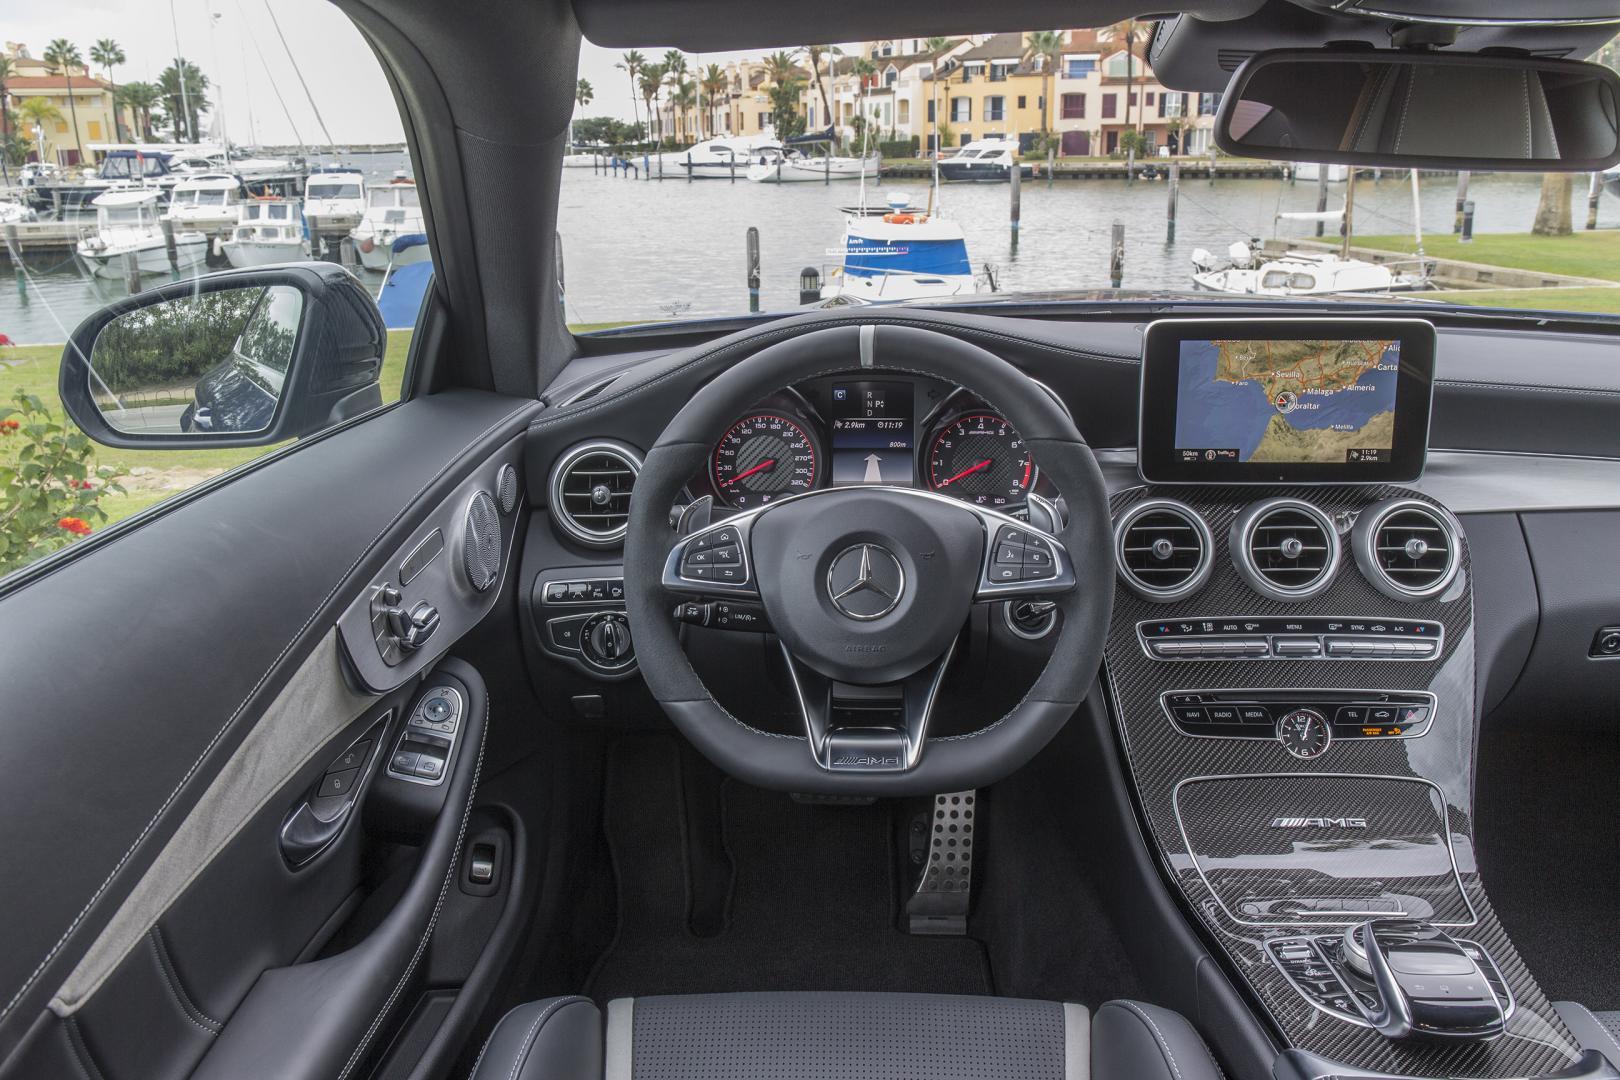 Mercedes-AMG C 63 S Coupé interieur (2015)